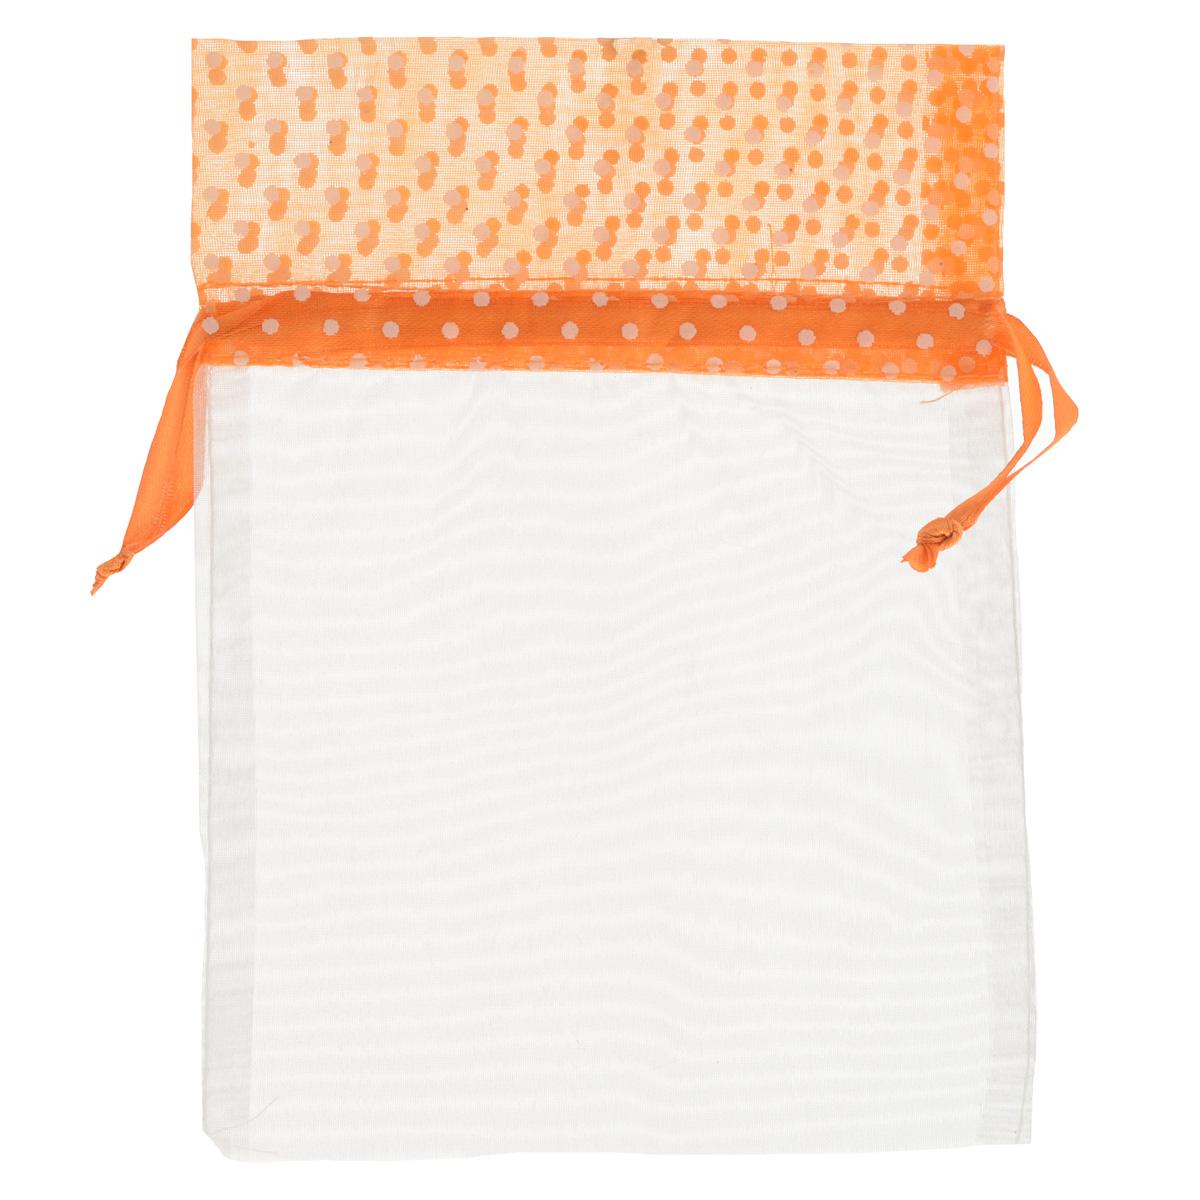 Мешочек подарочный Home Queen Светозарный, цвет: оранжевый, 13 см х 18 см64491_4Подарочный мешочек Home Queen Светозарный, выполненный из полупрозрачного полиэстера, оформлен рисунком в горох. Изделие имеет шнурок, потянув за два конца которого, можно закрыть мешочек. Для удобства переноски можно использовать концы шнурка как ручки. Подарок, преподнесенный в оригинальной упаковке, всегда будет самым эффектным и запоминающимся. Окружите близких людей вниманием и заботой, вручив презент в нарядном, праздничном оформлении.